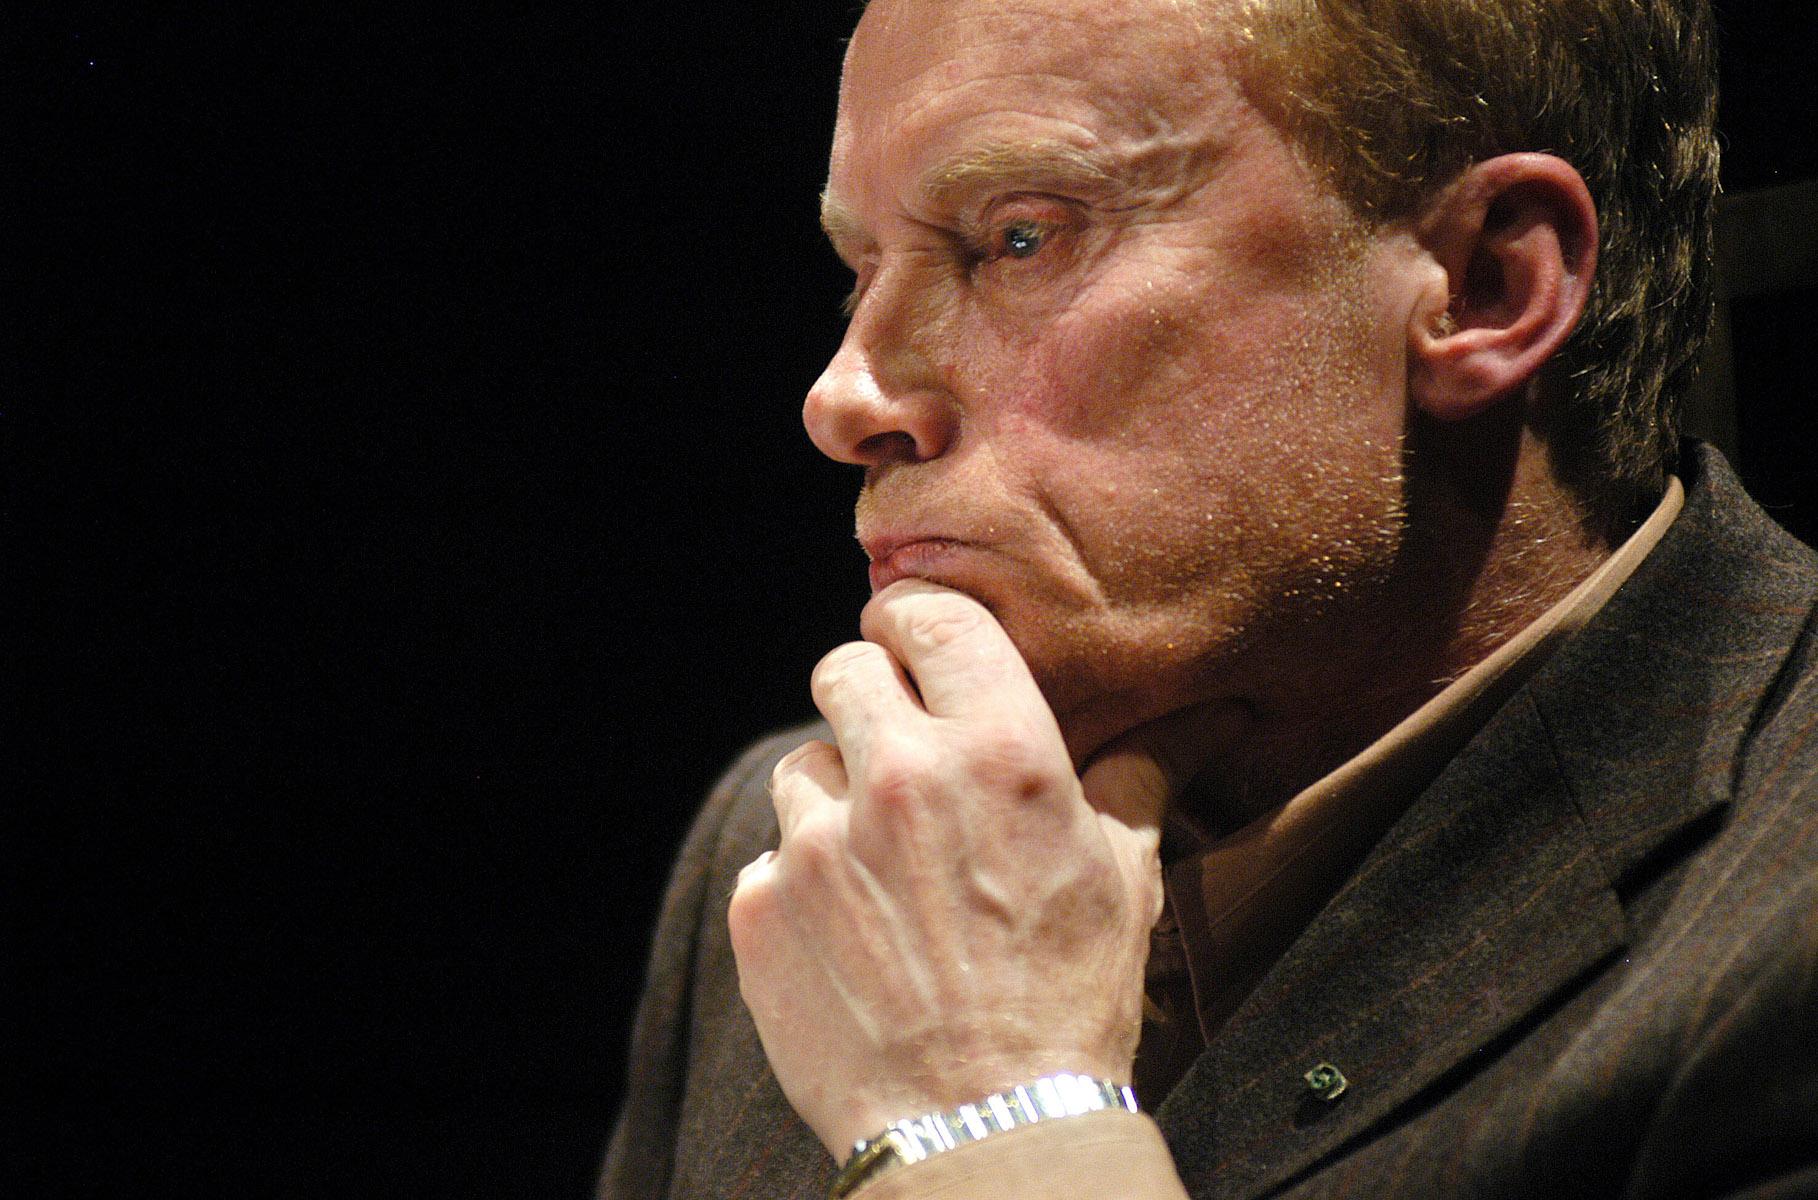 Aktor Daniel Olbrychski podczas debaty w ramach Areopagu Gdańskiego w Gdańsku.